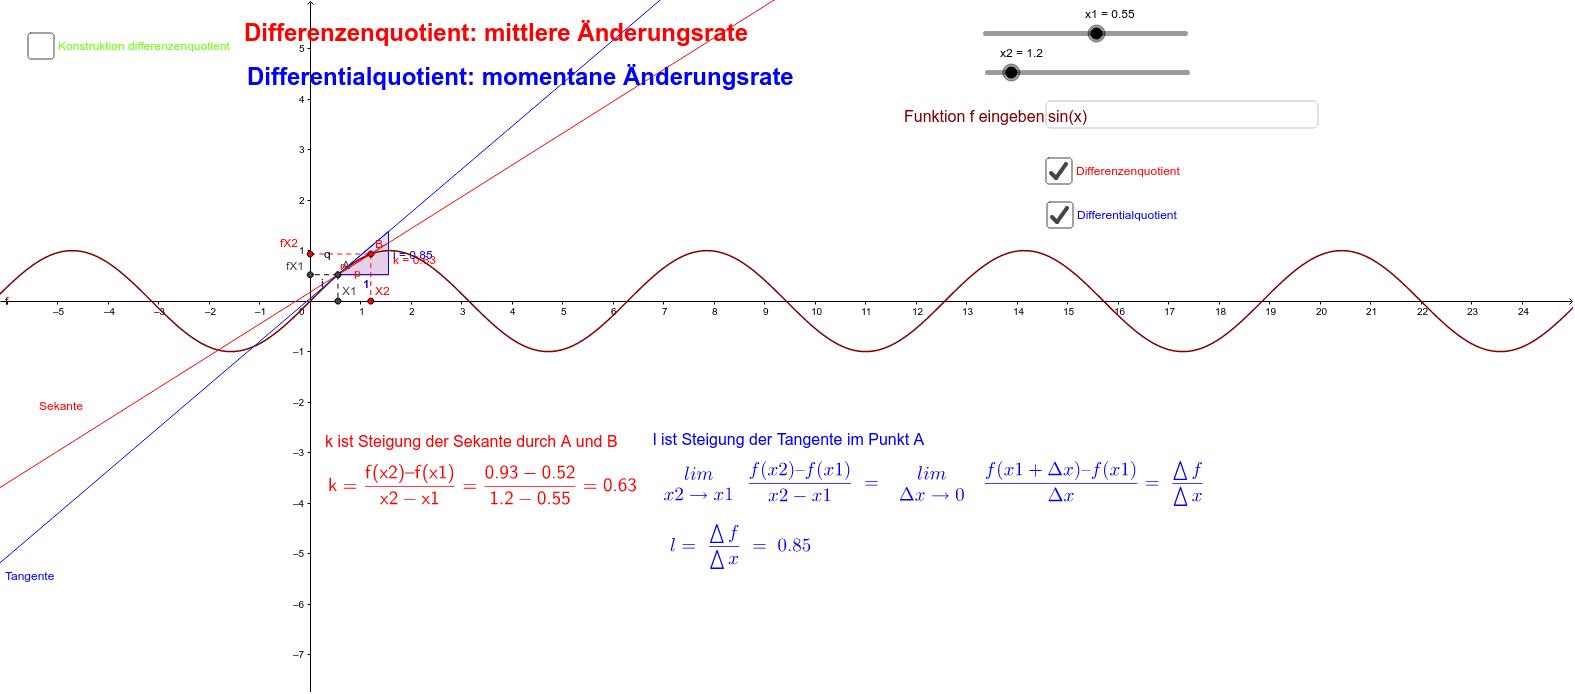 Der Übergang vom Differenzenquotient zum Differentialquotient Drücke die Eingabetaste um die Aktivität zu starten